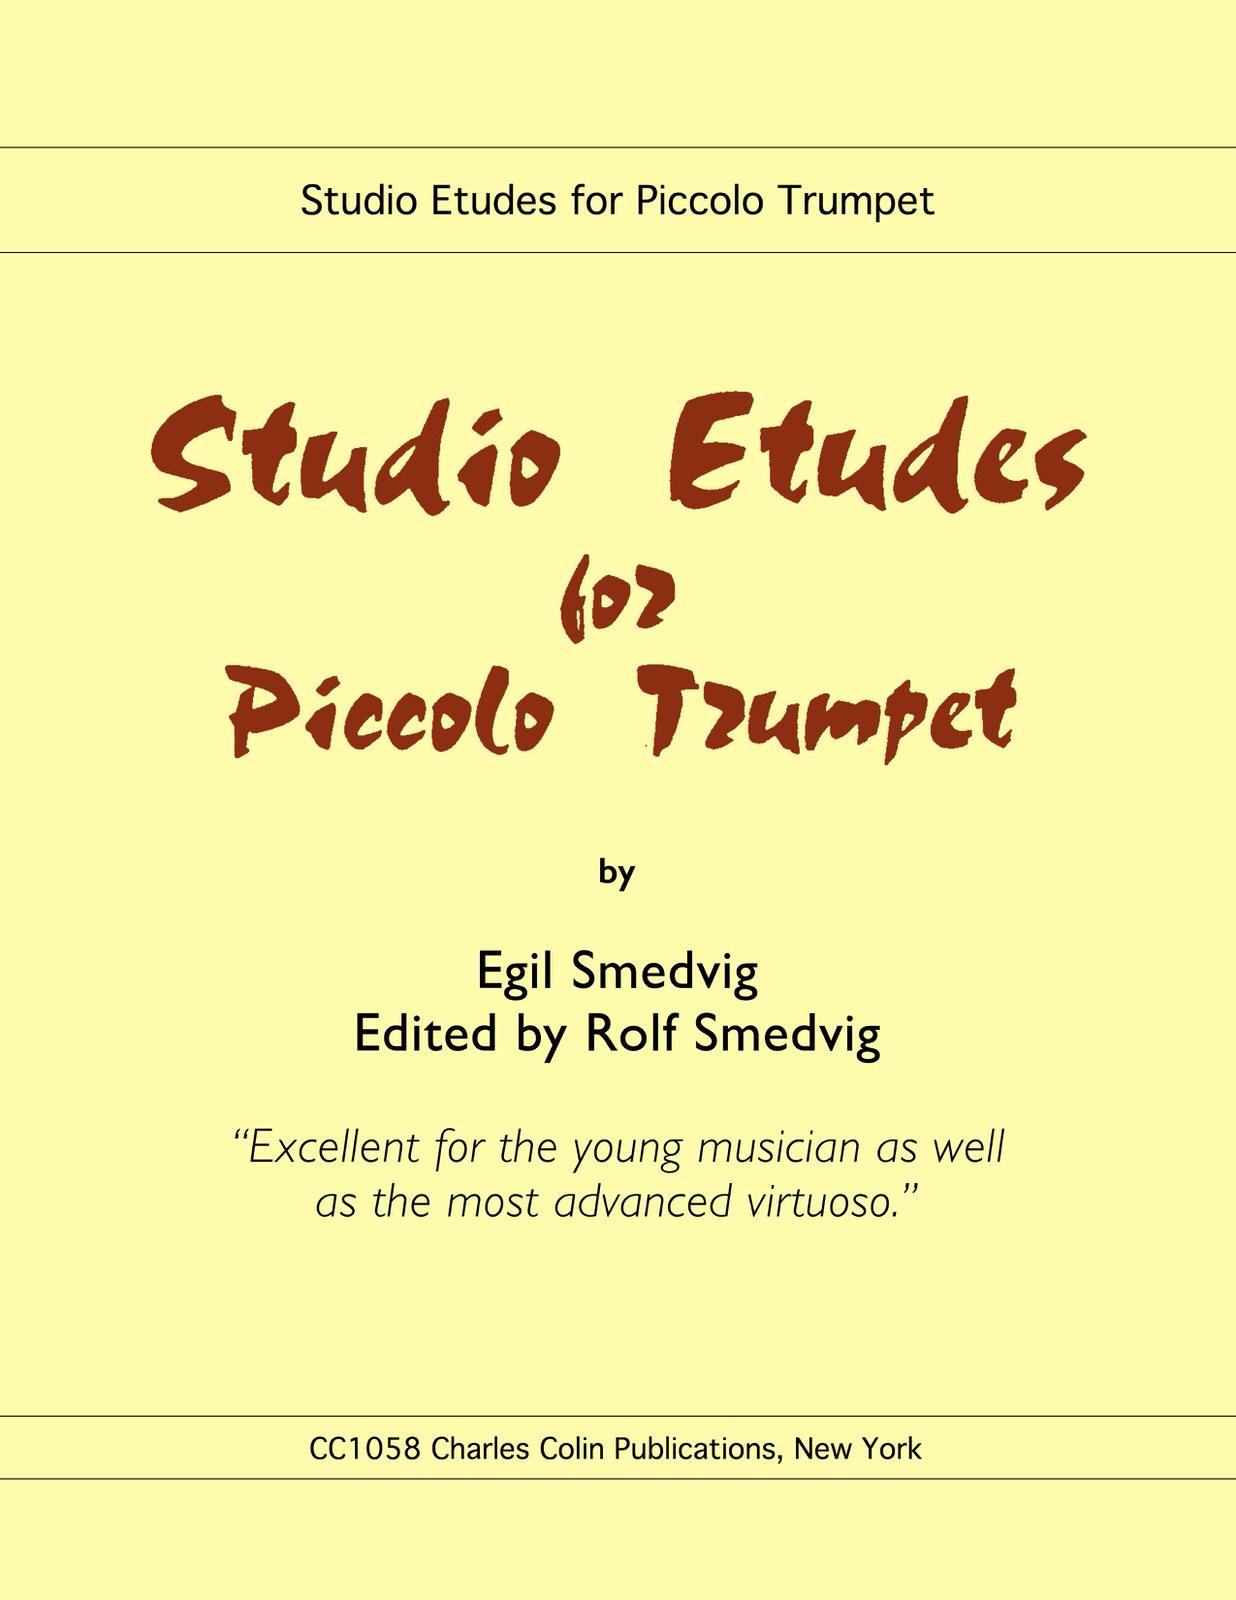 Studio Etudes for Piccolo Trumpet – Charles Colin Music